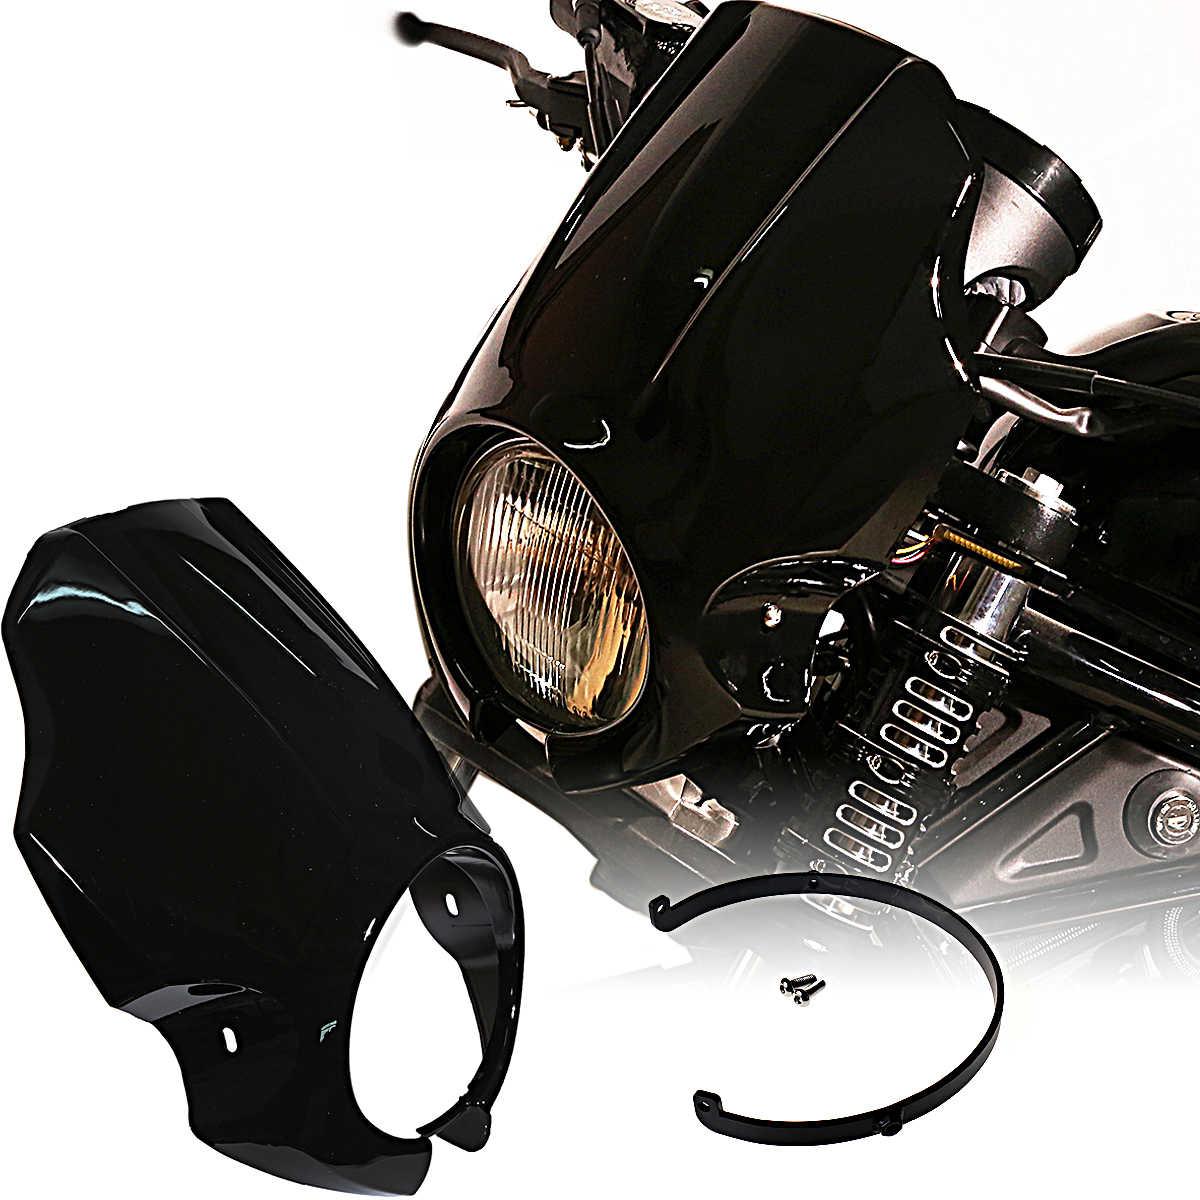 Motorrad CMX500 CMX300 Scheinwerferabdeckung Frontlicht Lampengrillschutz f/ür 2017 2018 2019 2020 Hon-da Rebel CMX 500 300 Motorradzubeh/ör Teile 17-20 Glanzschwarz